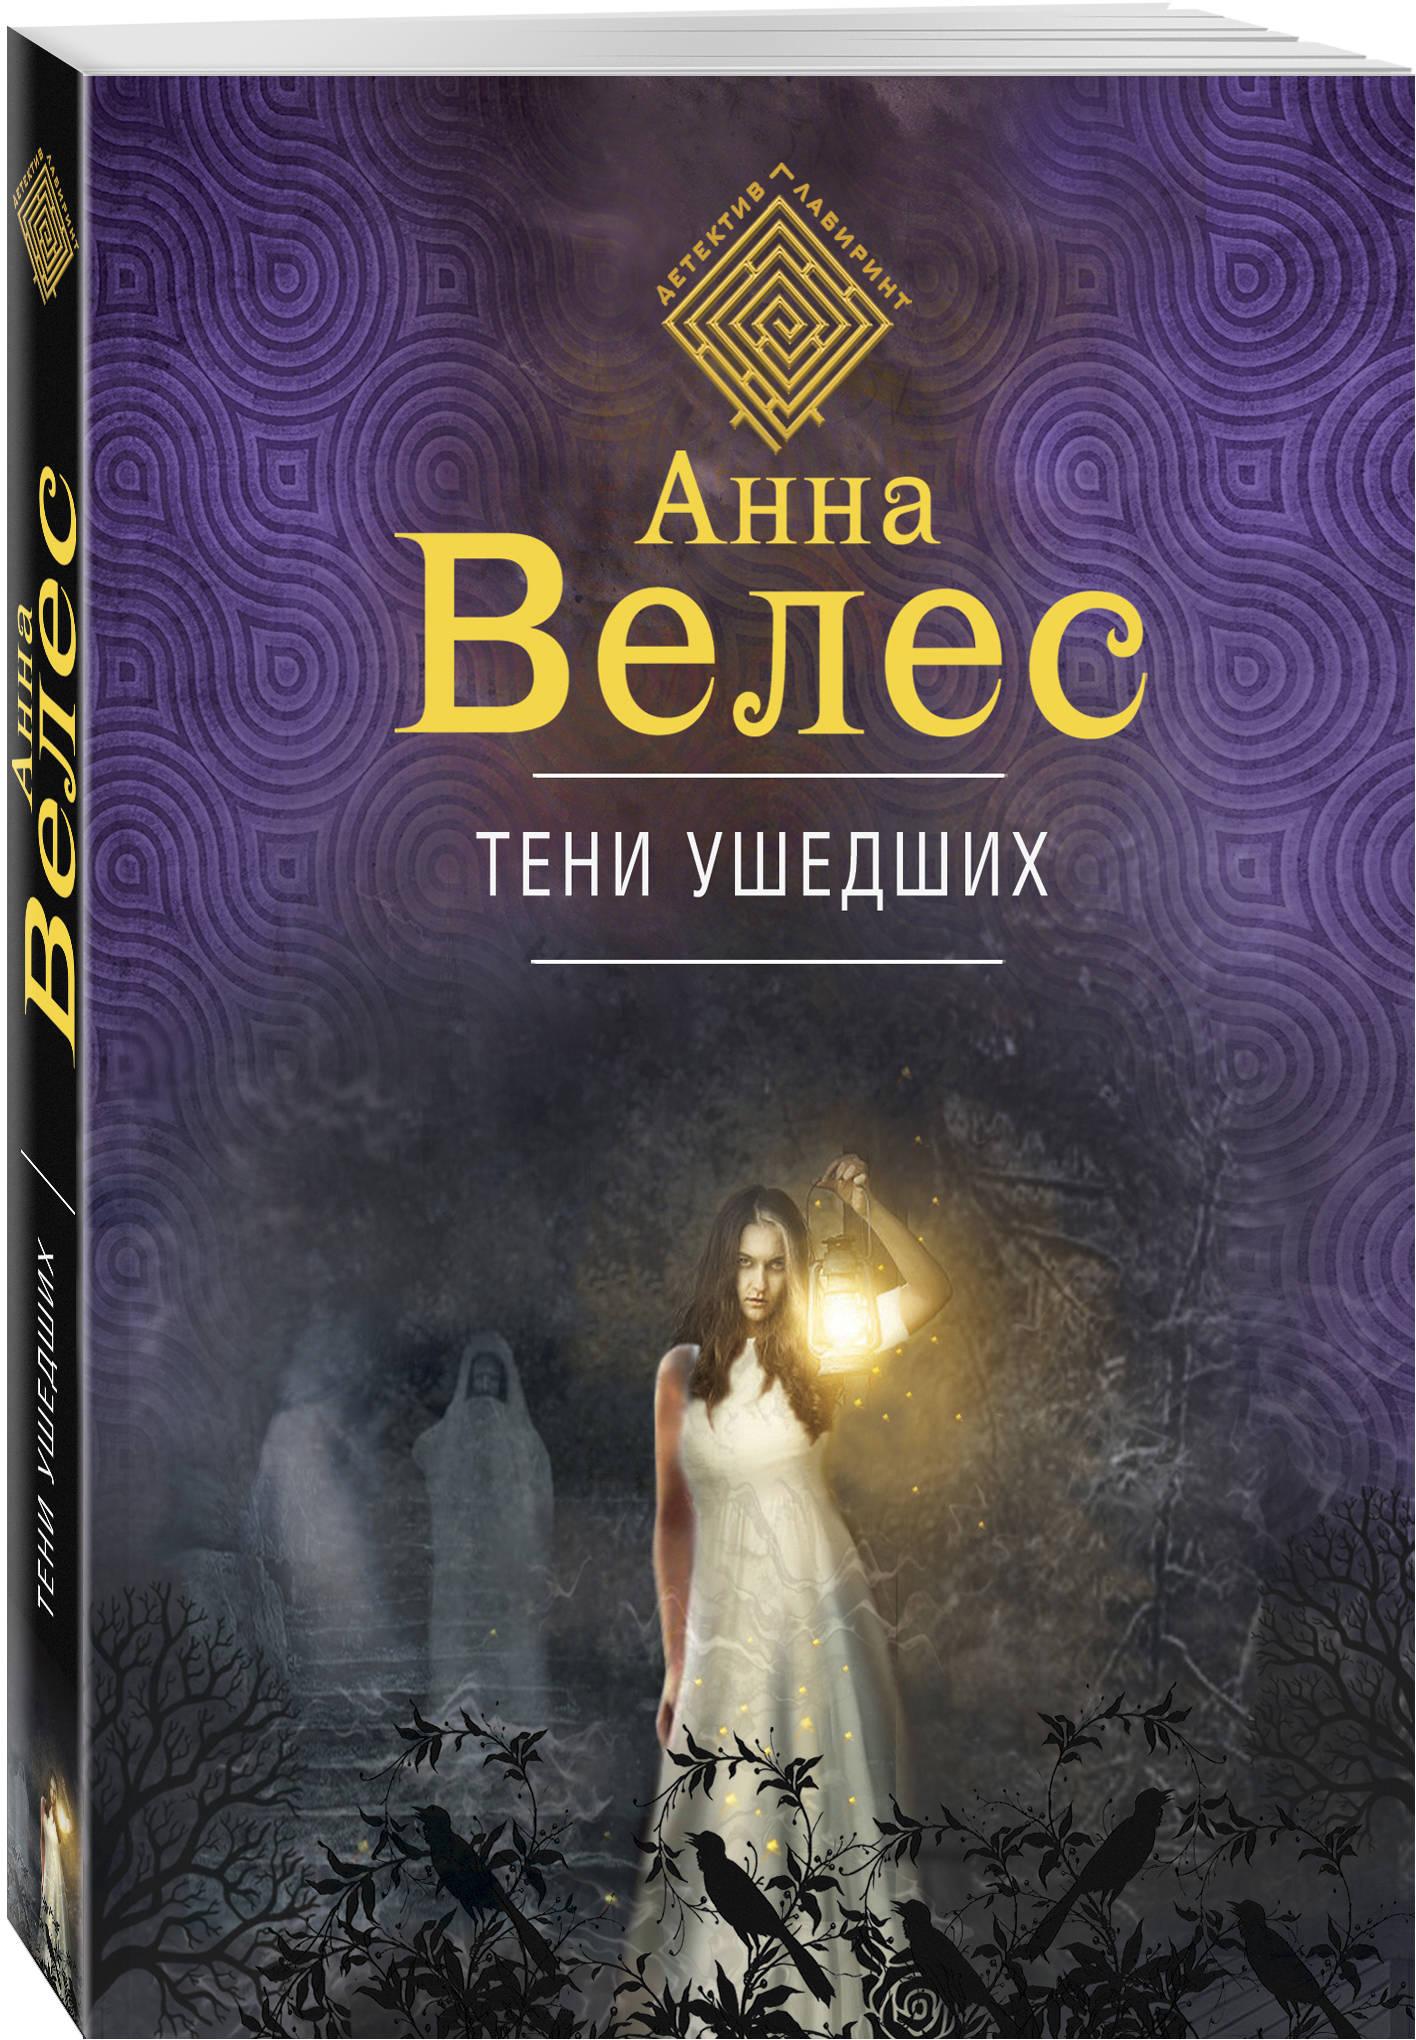 Велес А. Тени ушедших ISBN: 978-5-04-096782-7